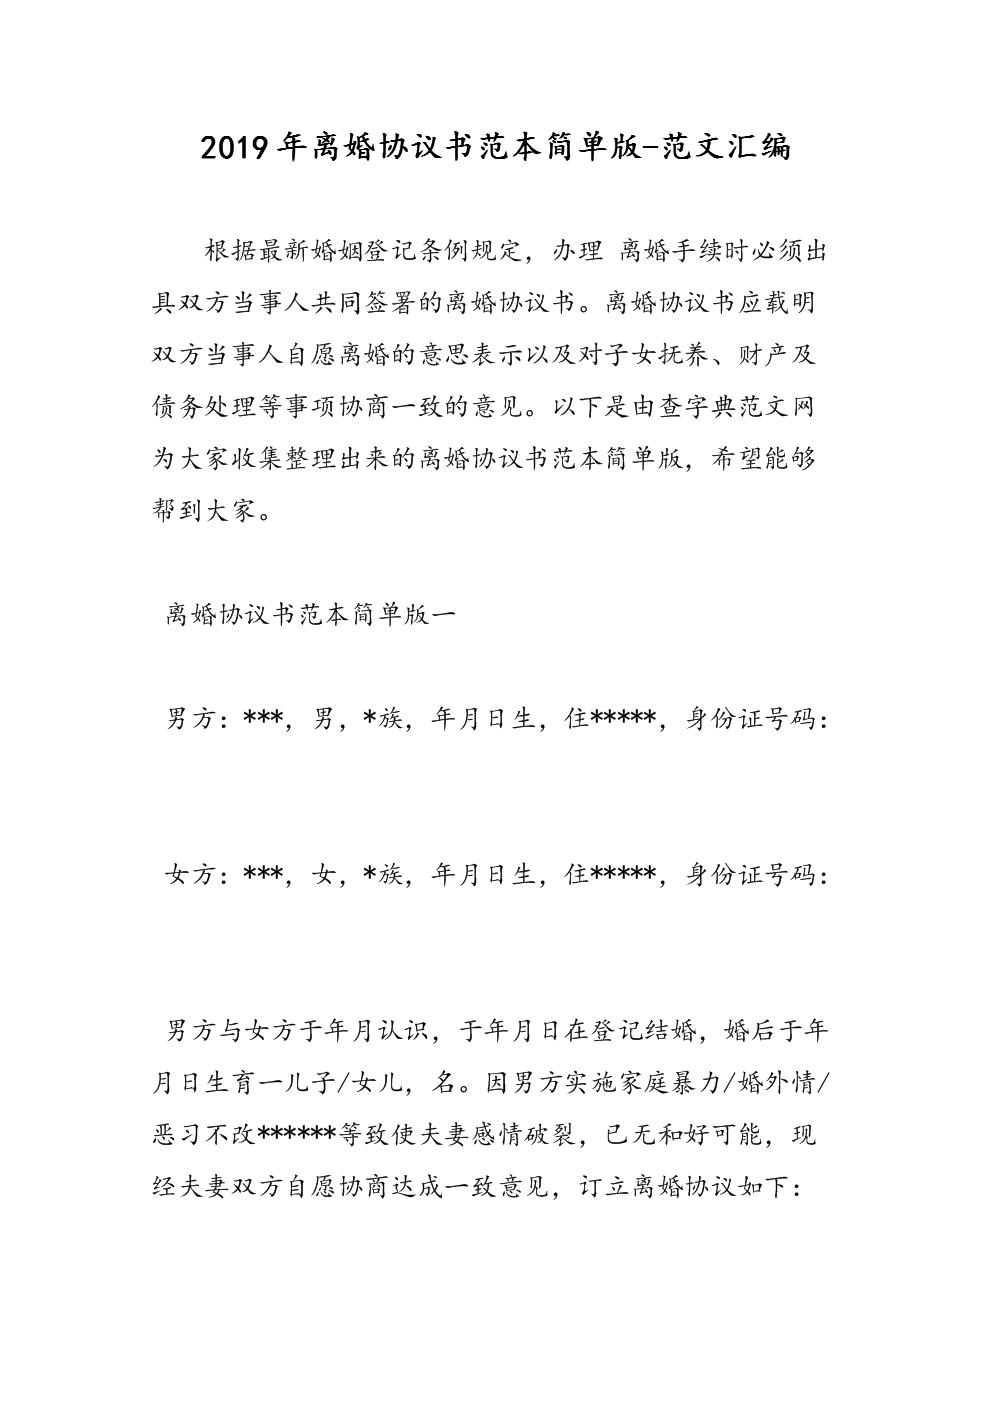 2019年离婚协议书范本简单版-范文汇编.doc图片